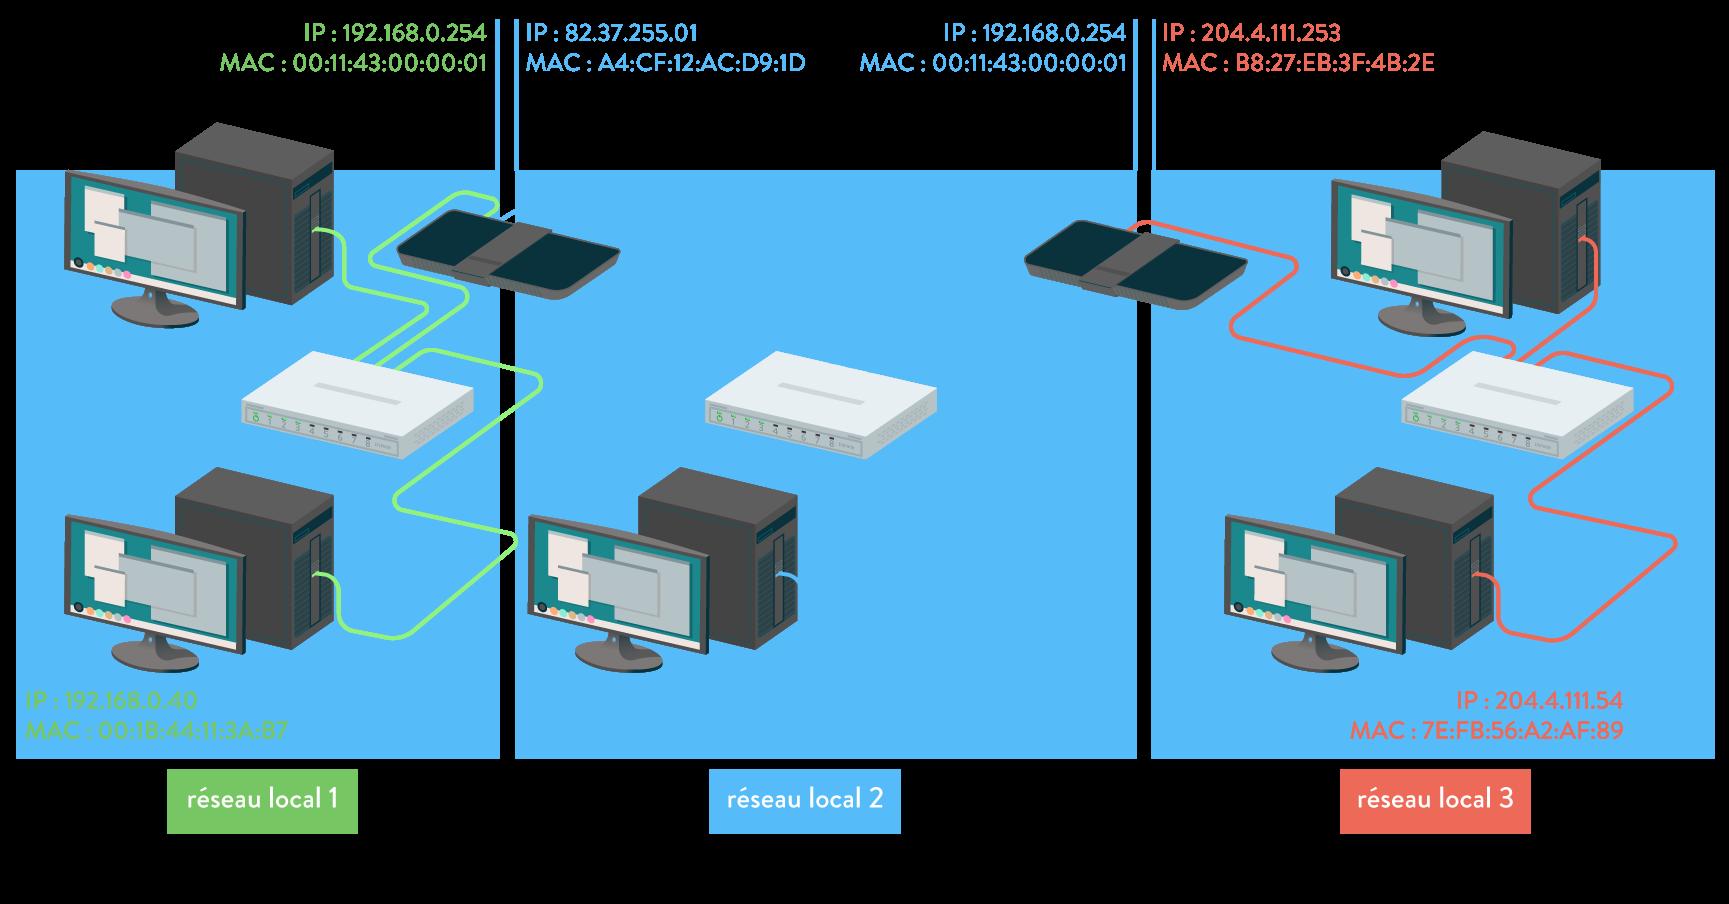 numérique sciences informatiques IP et le réseau local première réseaux locaux interconnectés